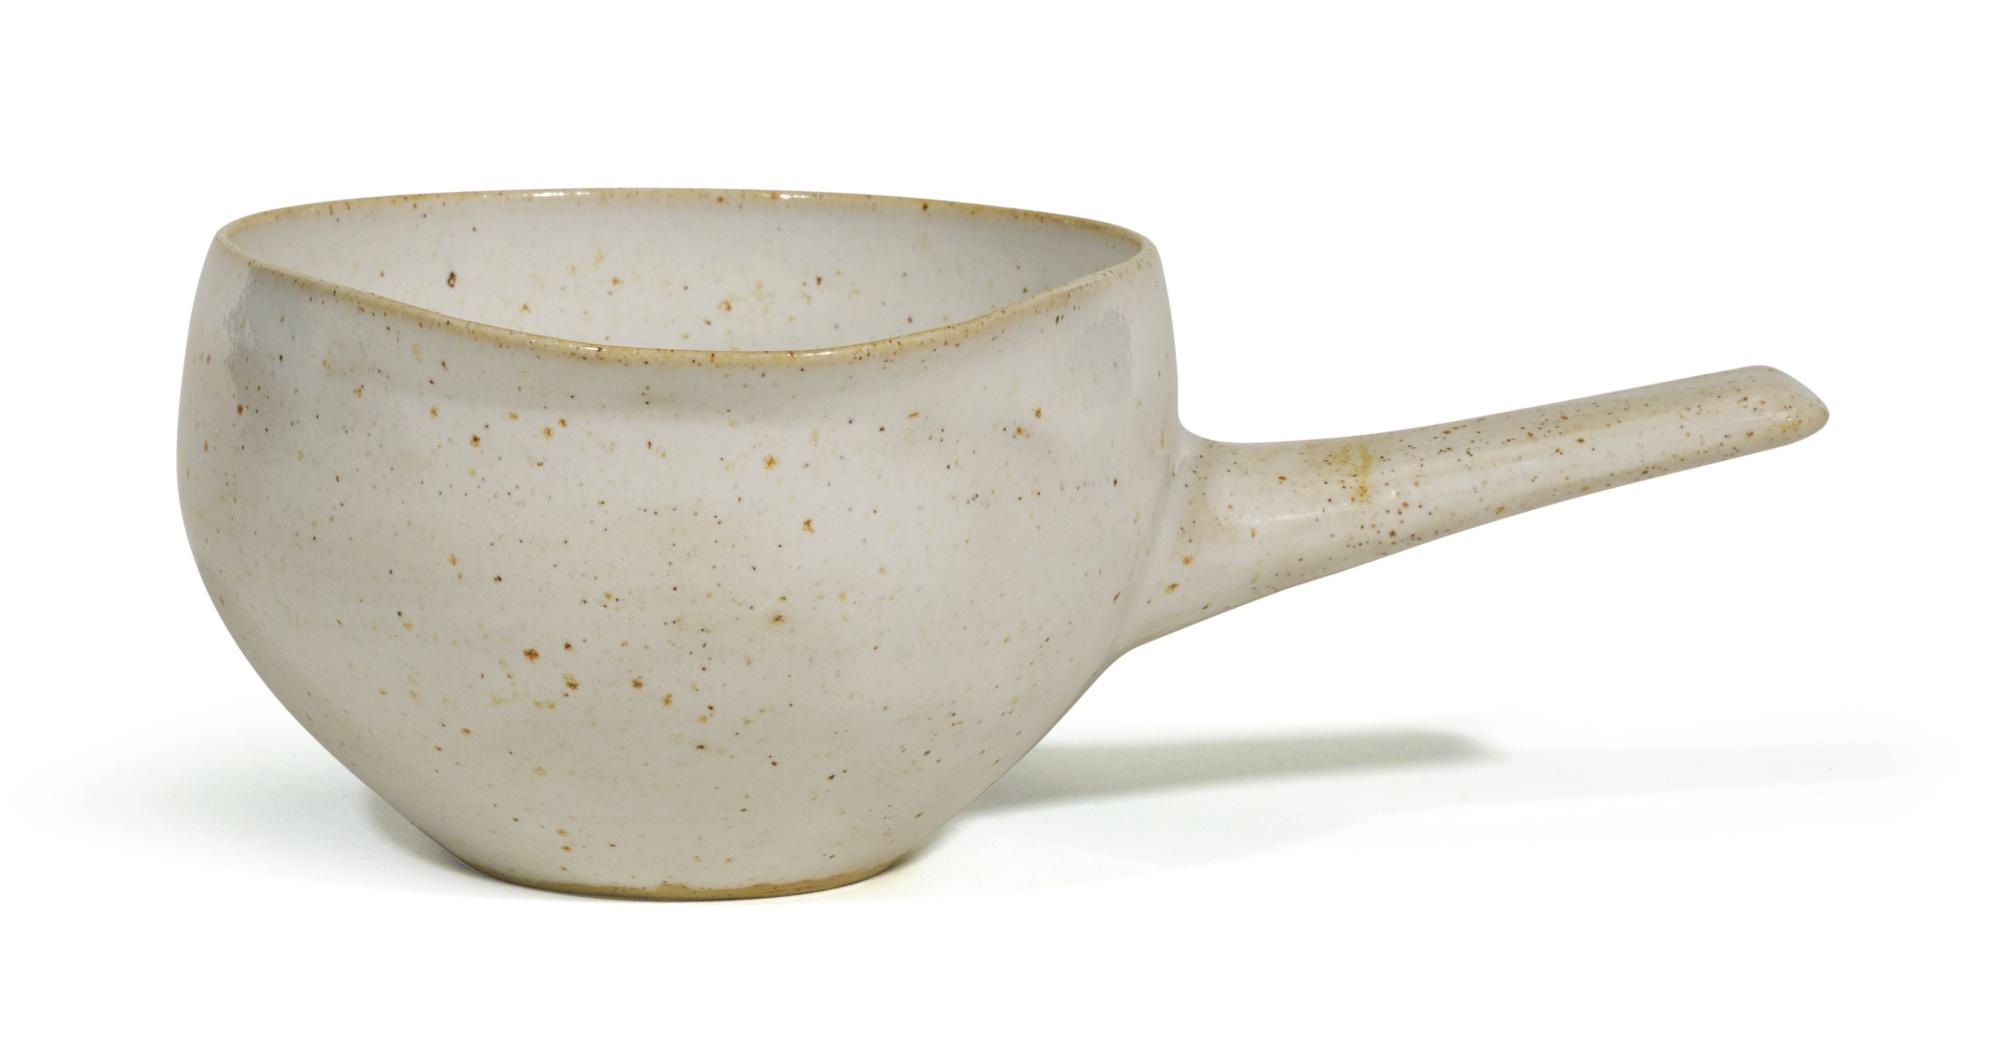 Lucie Rie-Hans Coper-Pouring Vessel-1950